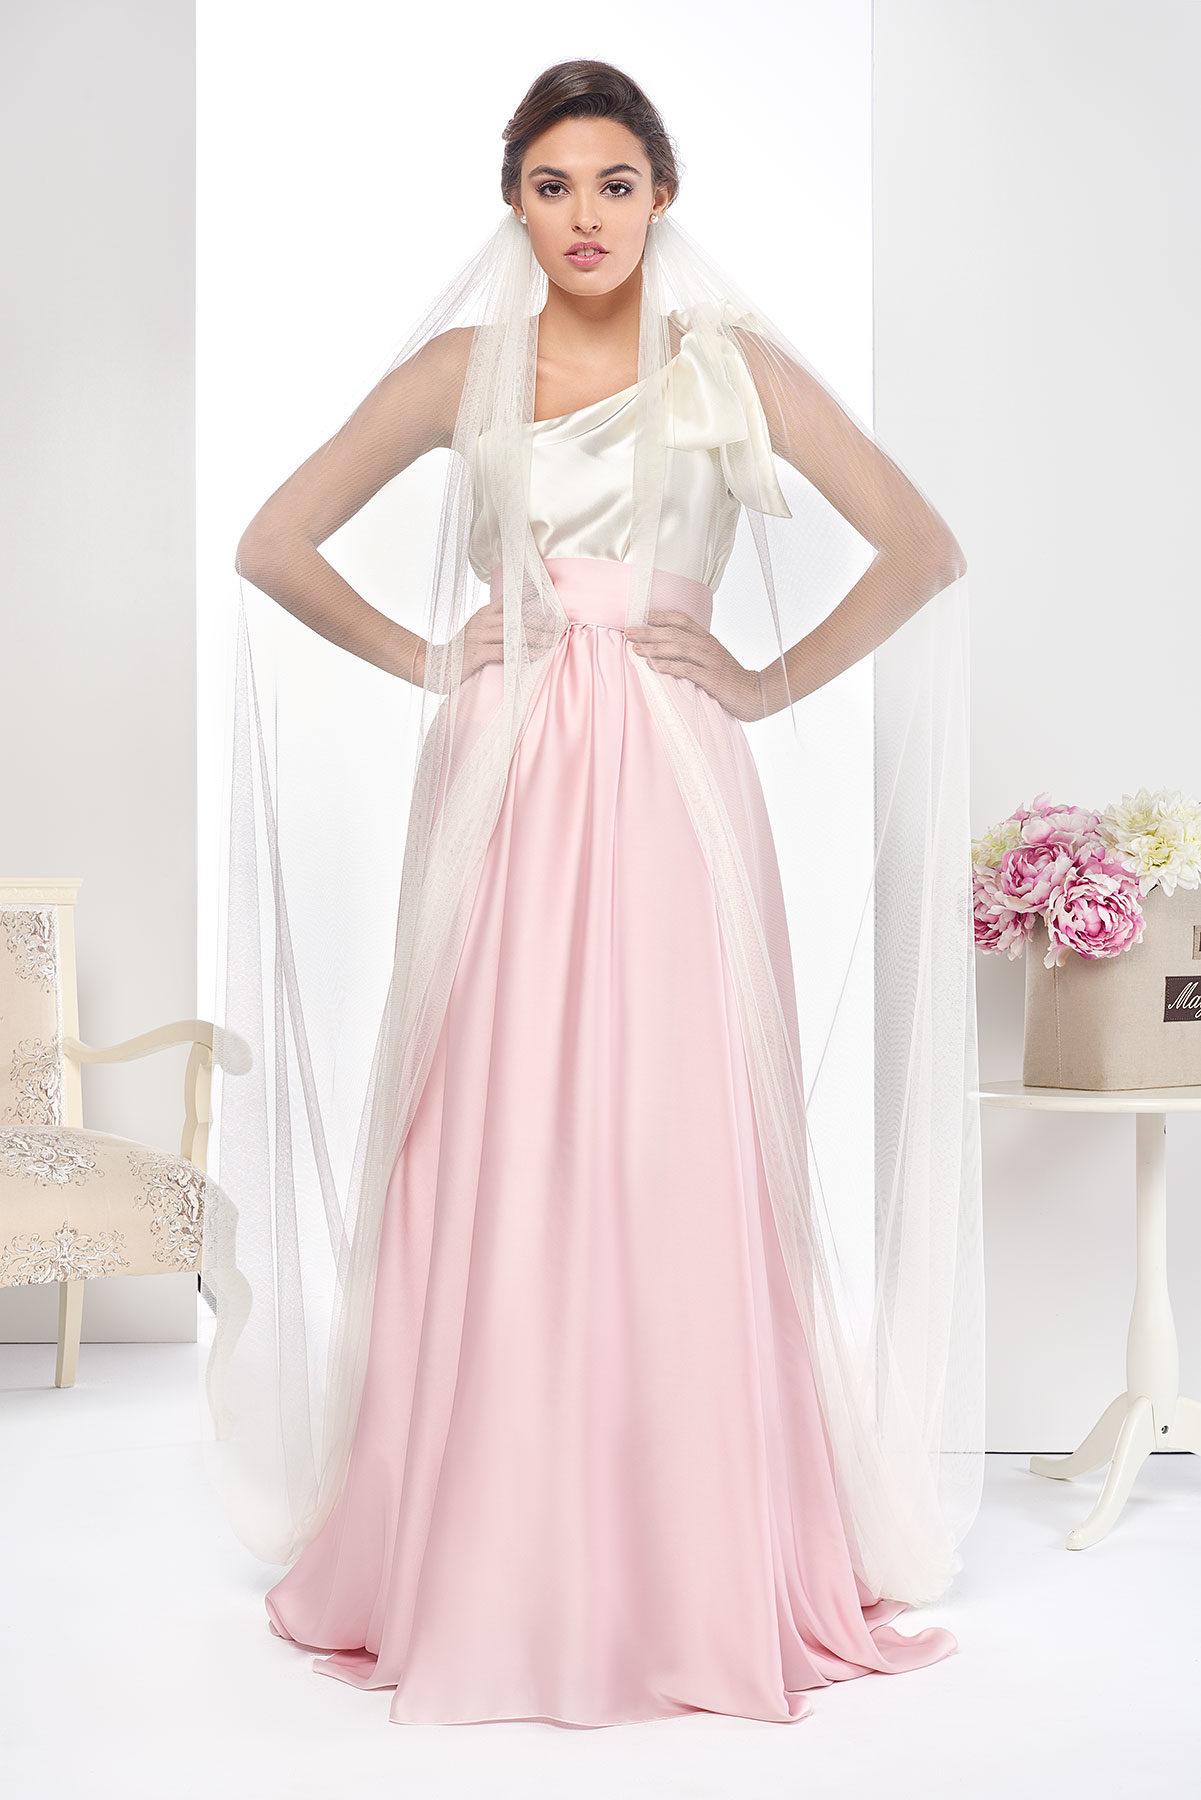 Conjunto de novia modelo Jazmin rosa y blanco de Fatima Angulo